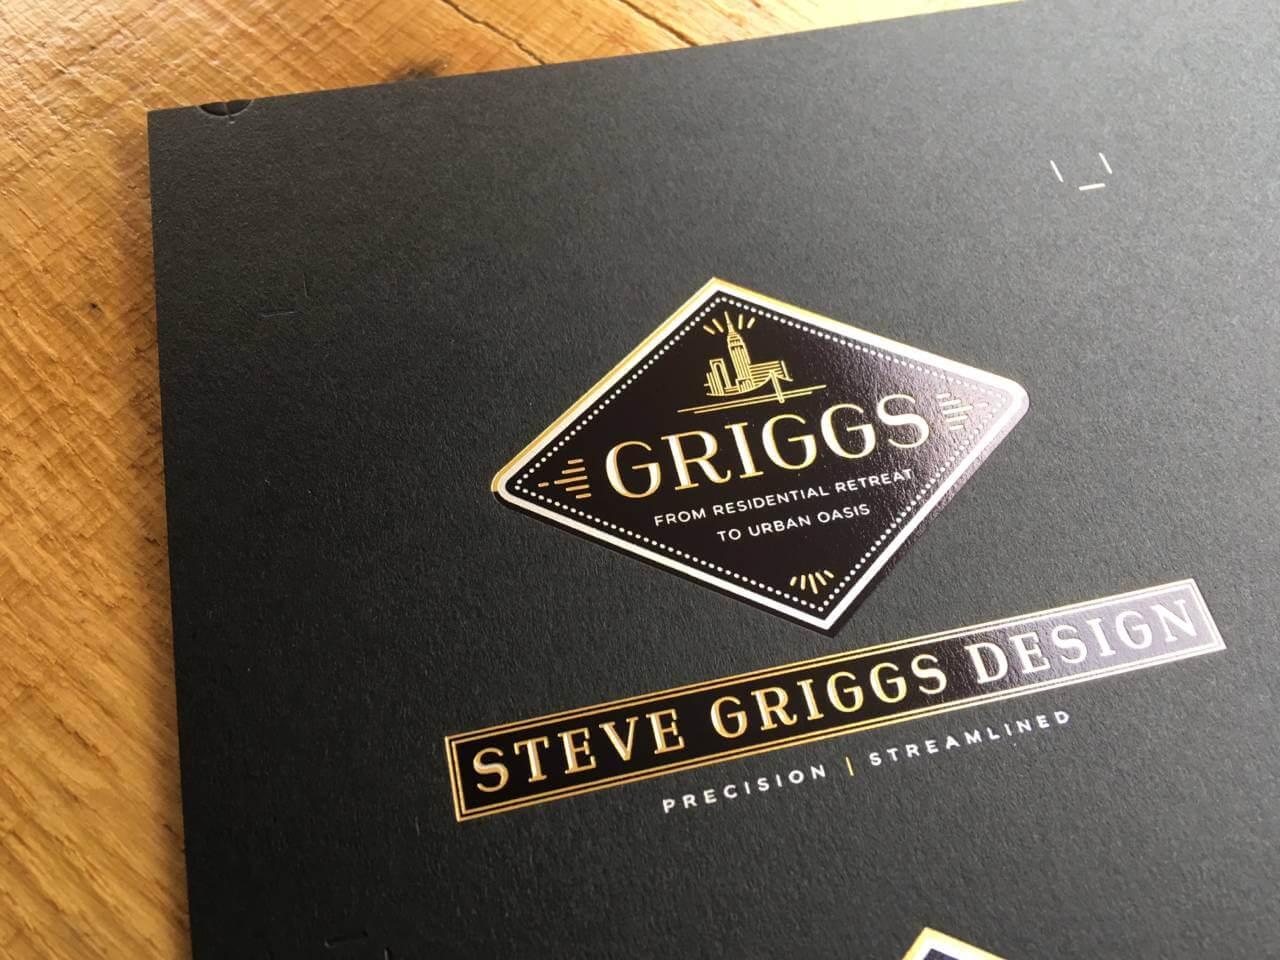 Rebranding of Steve Griggs